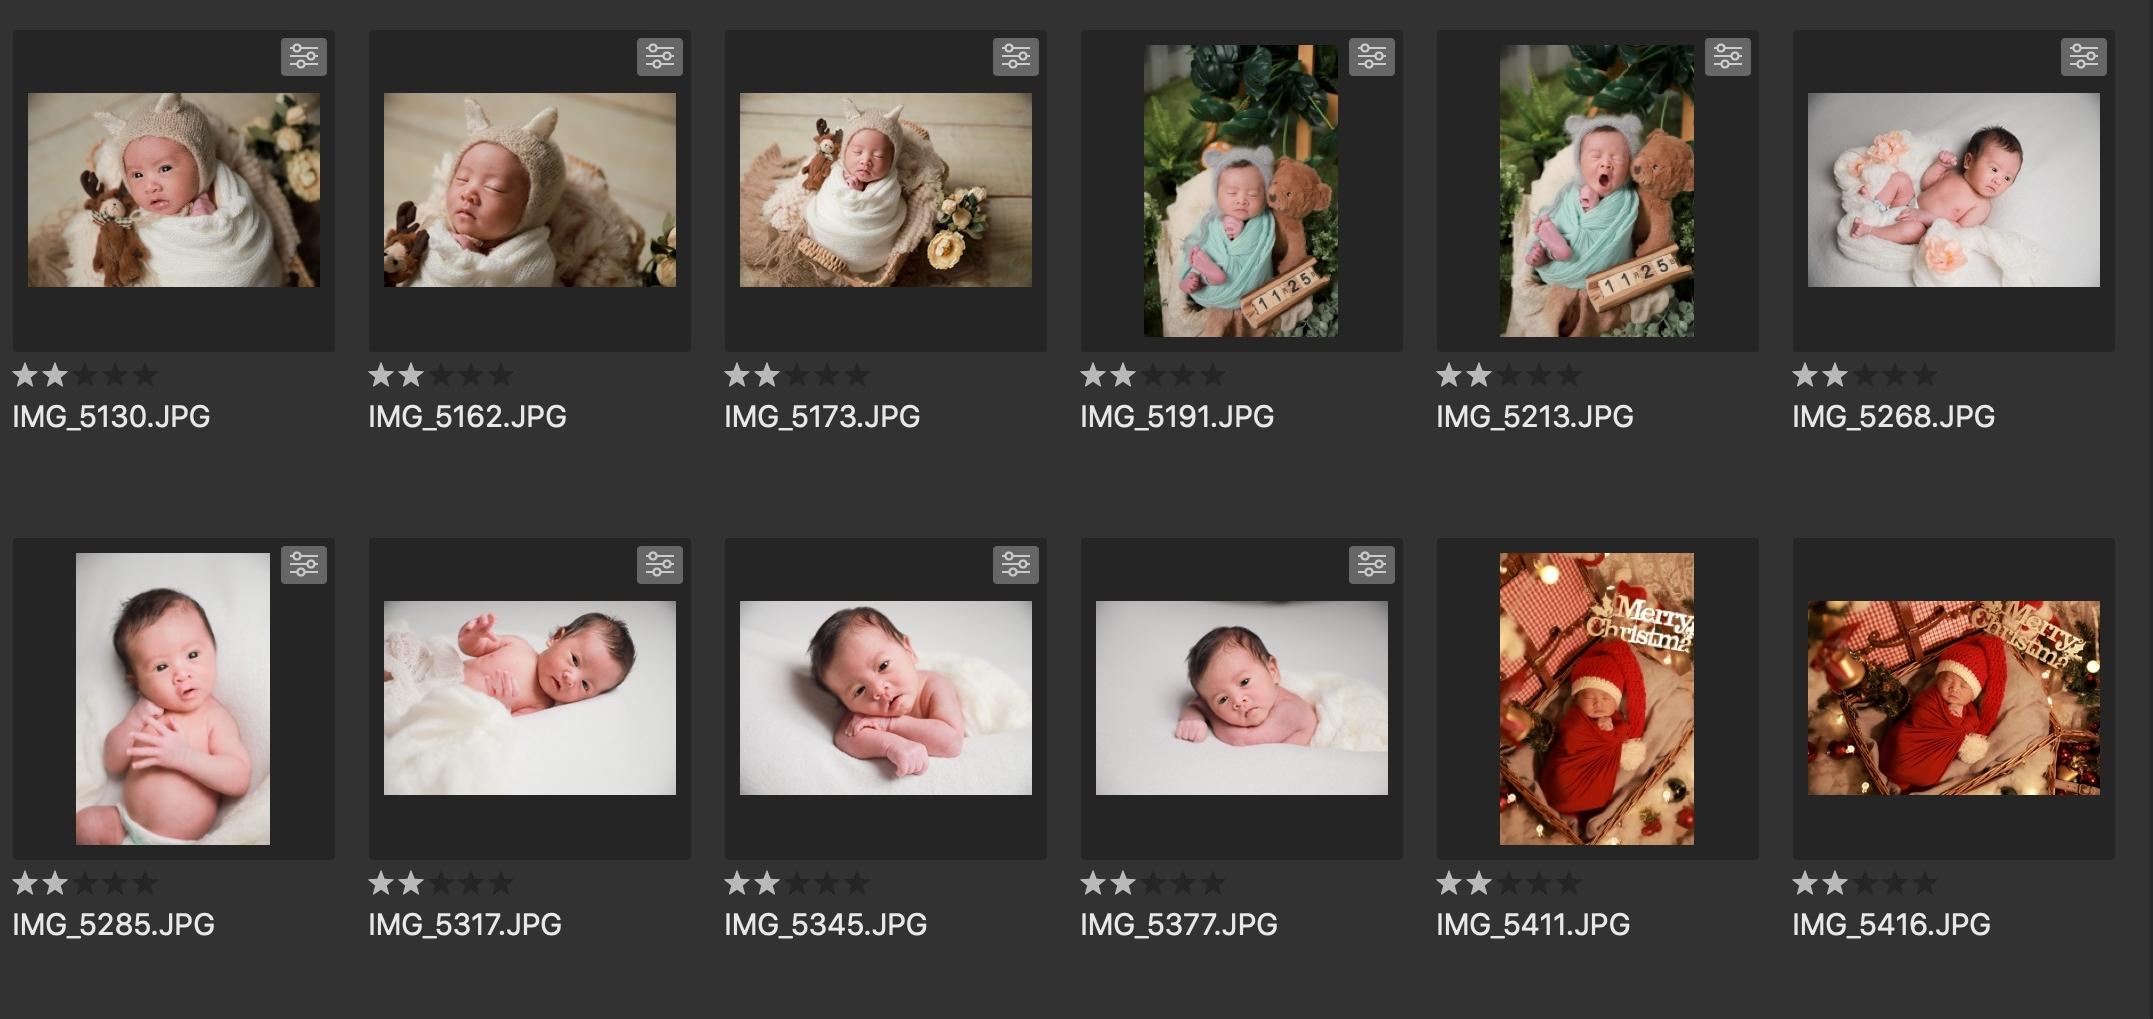 小日子寫真館。心目中第一名新生兒攝影寫真,捕捉寶寶每一個超萌表情! @蹦啾♥謝蘿莉 La vie heureuse